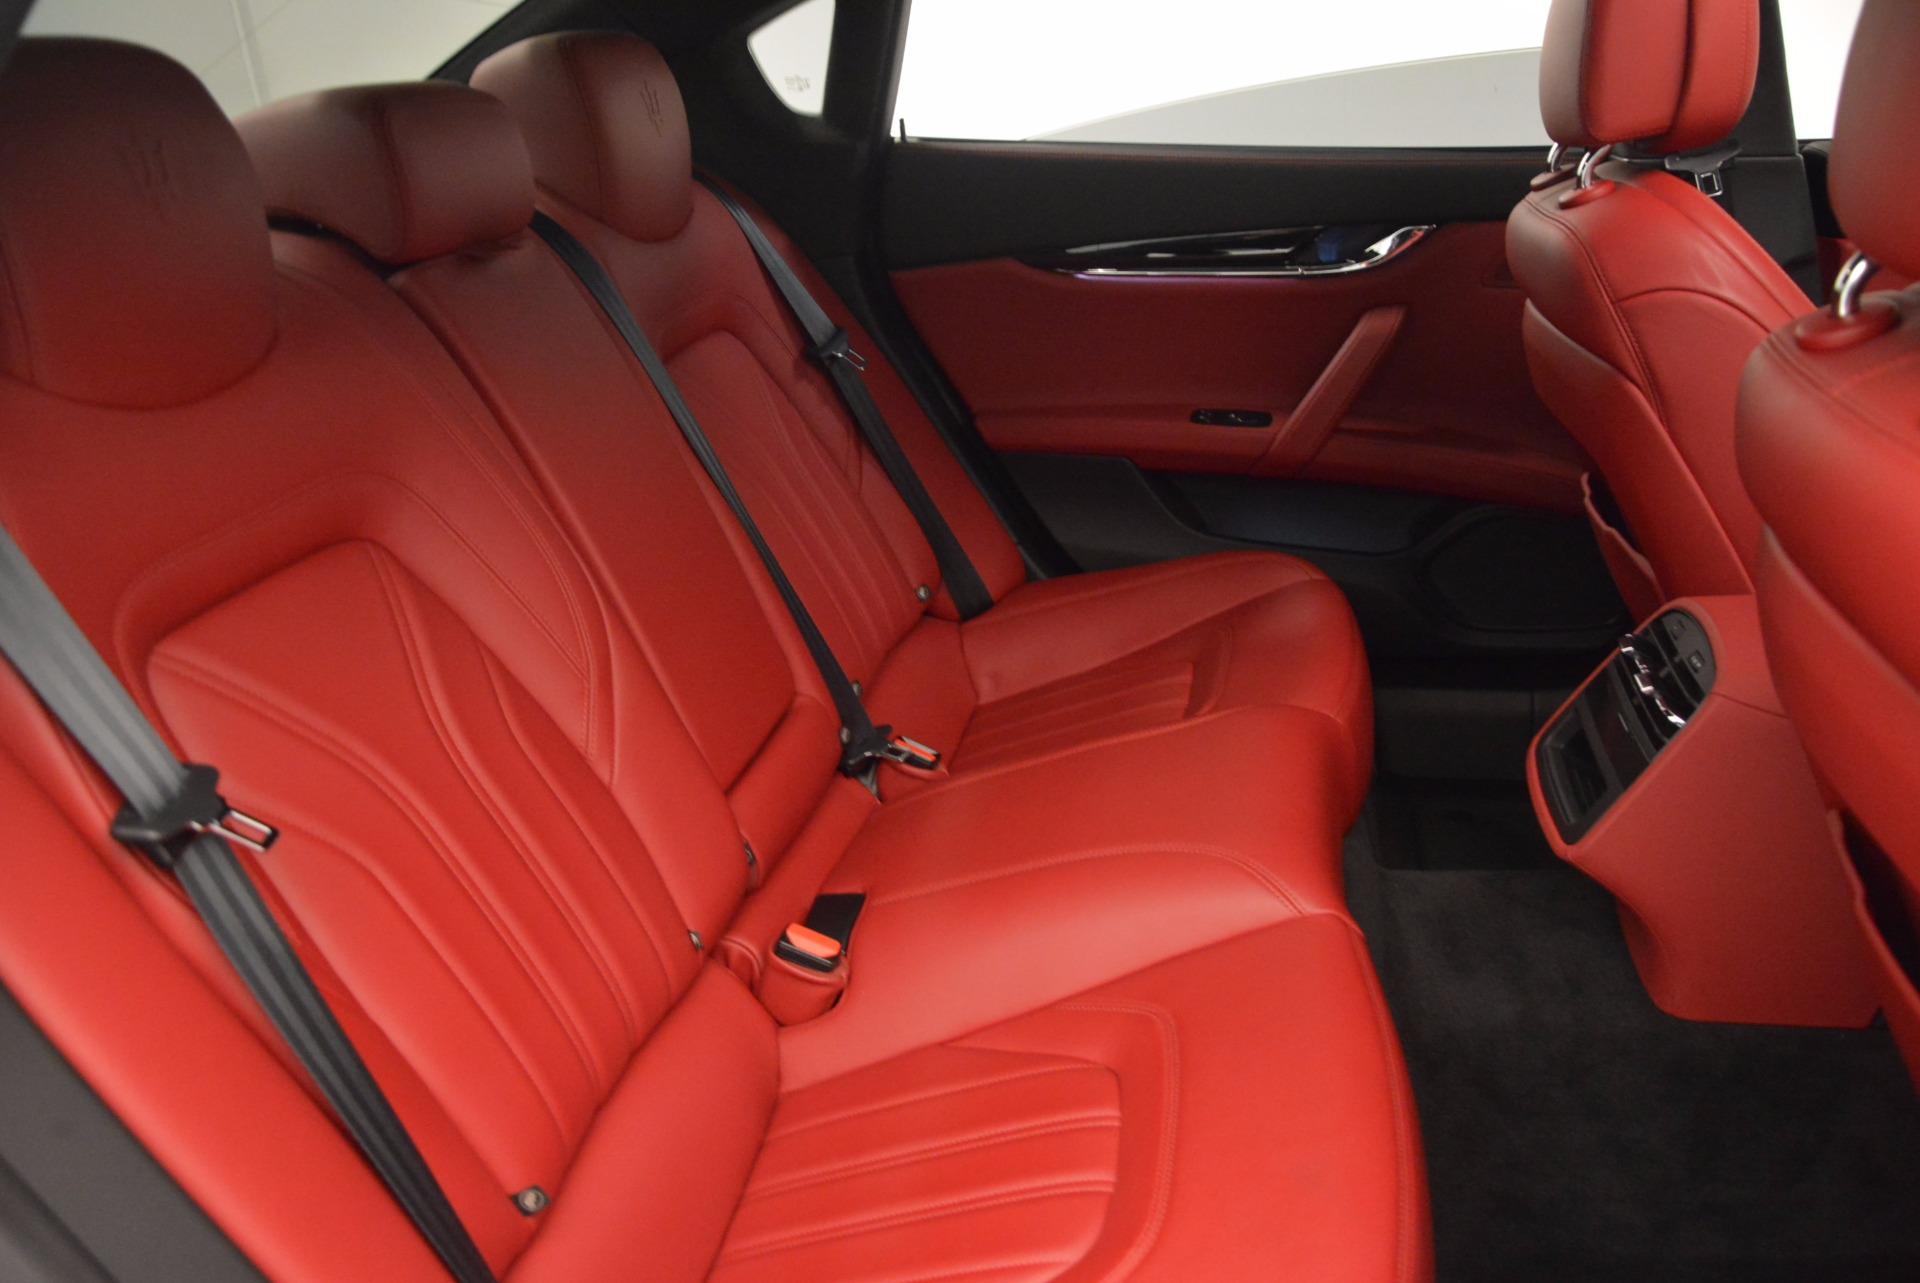 Used 2015 Maserati Quattroporte S Q4 For Sale In Westport, CT 809_p24